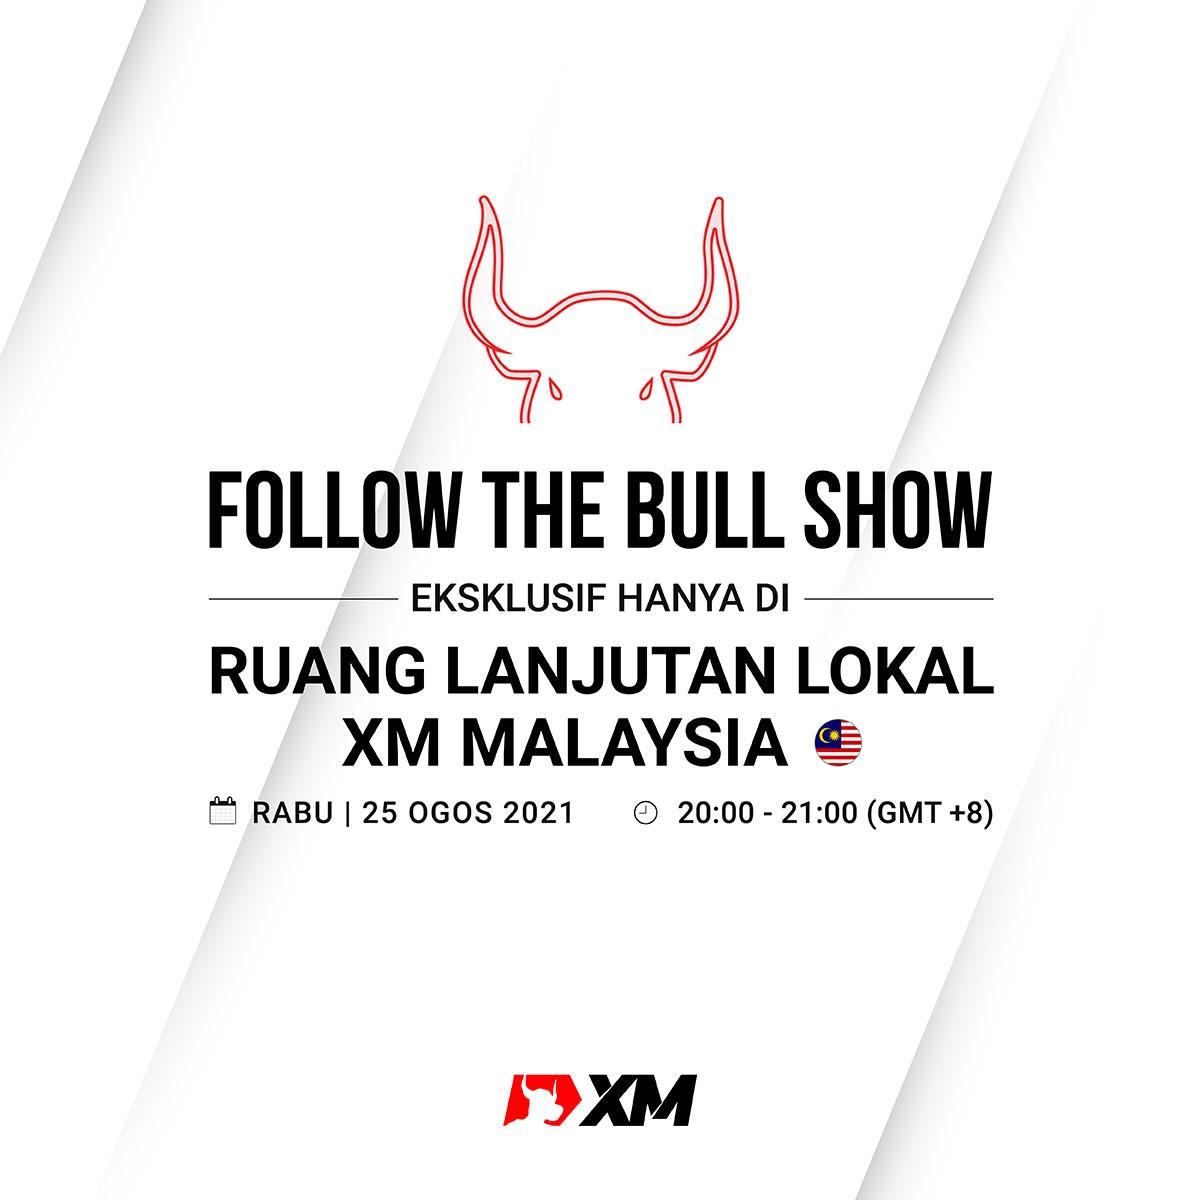 Follow The Bull Show